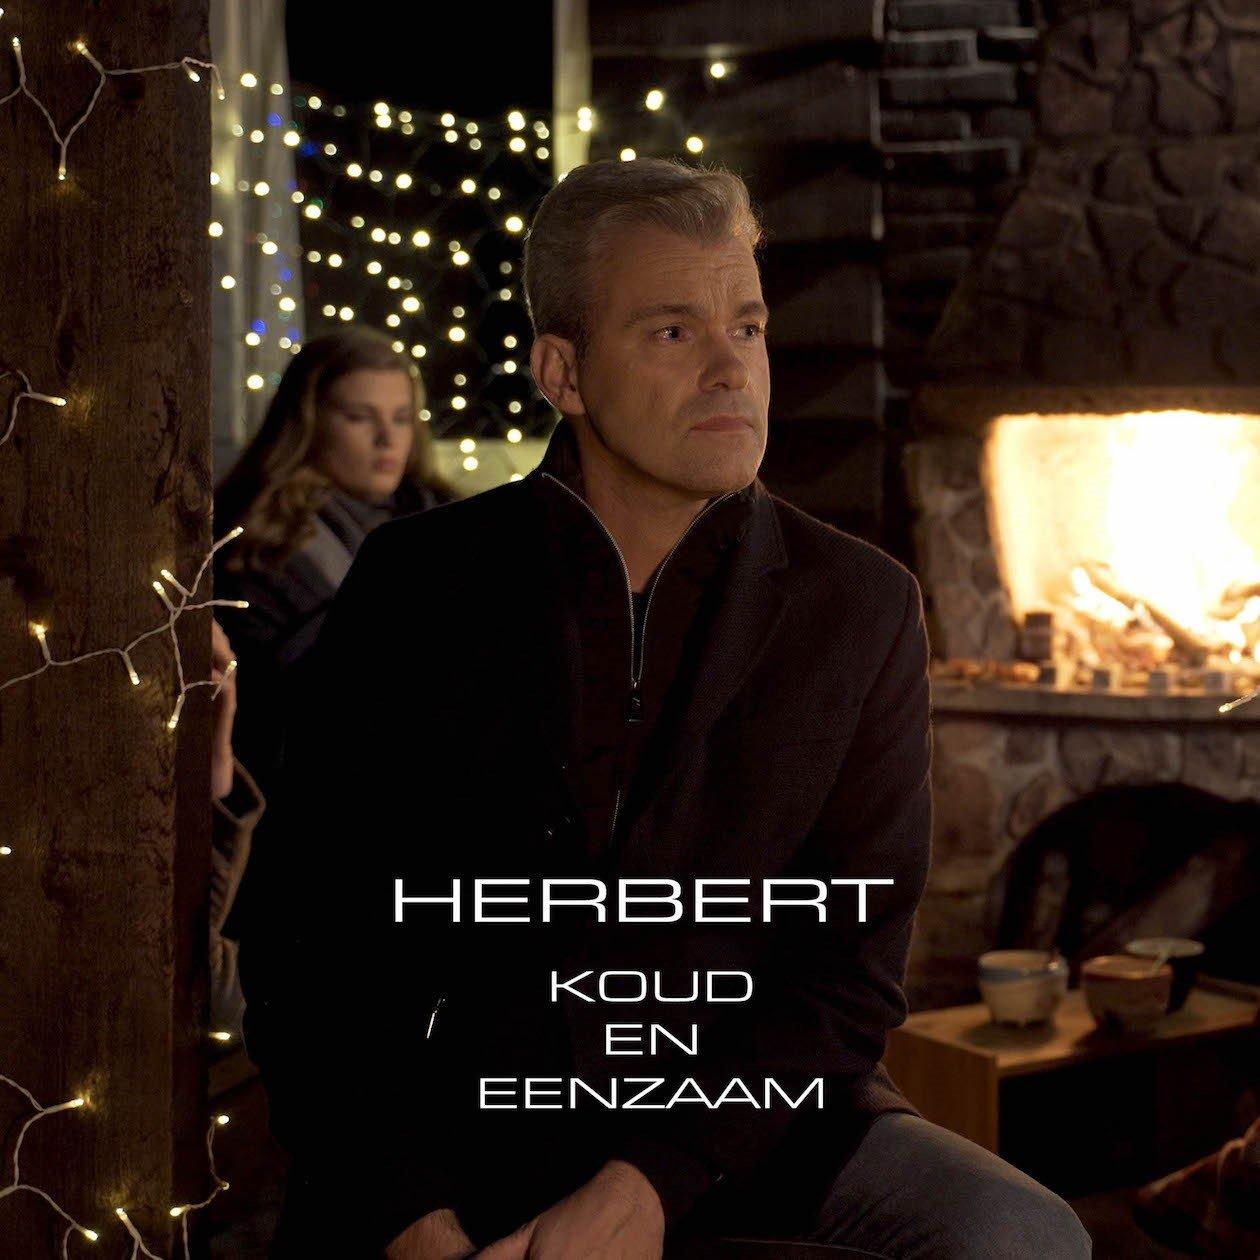 Herbert nieuwe kerstsingle 'Koud en eenzaam' - Hoes Herbert Koud en eenzaam